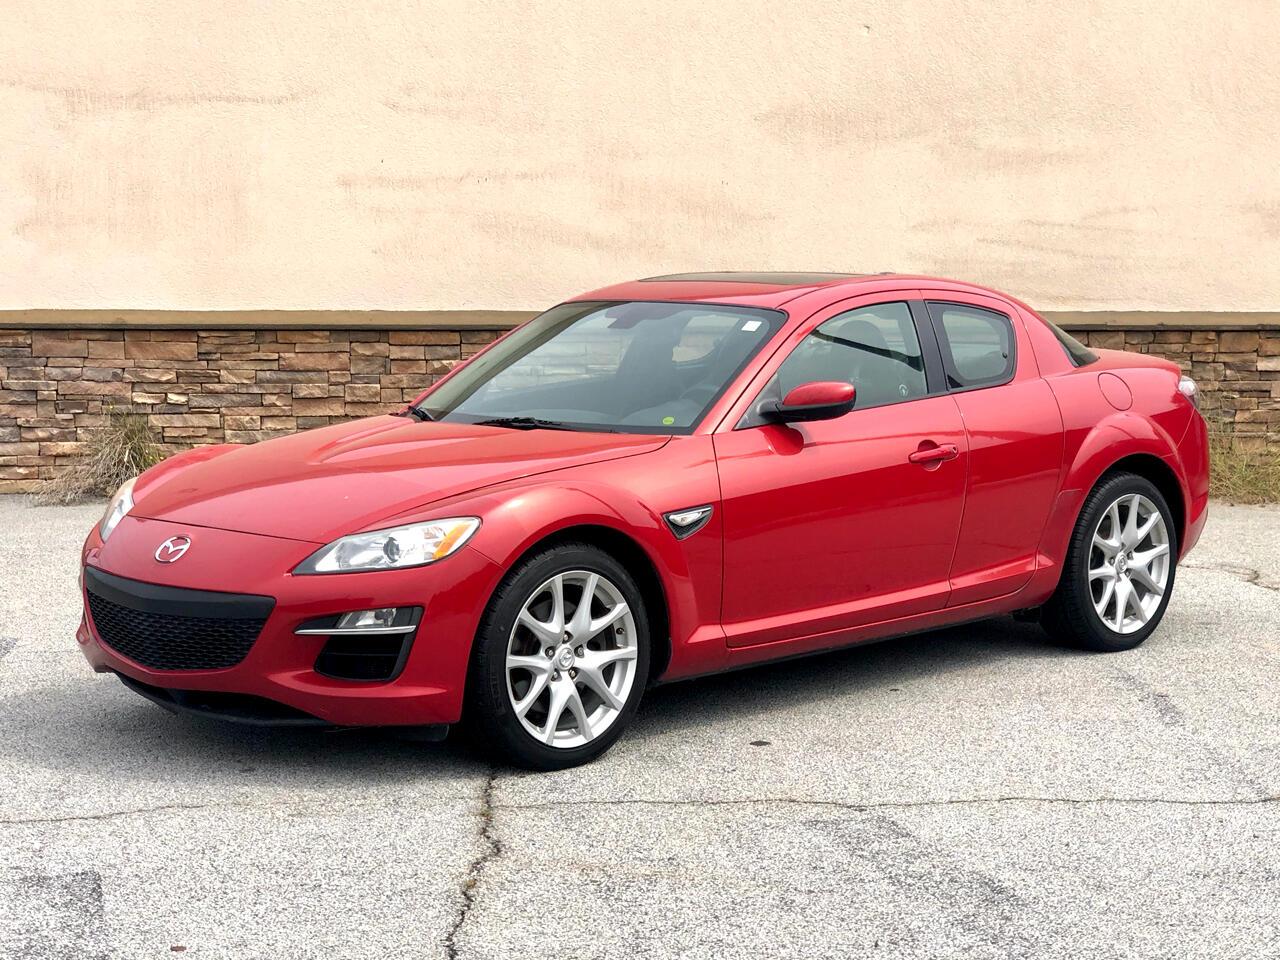 Mazda RX-8 Grand Touring 2011